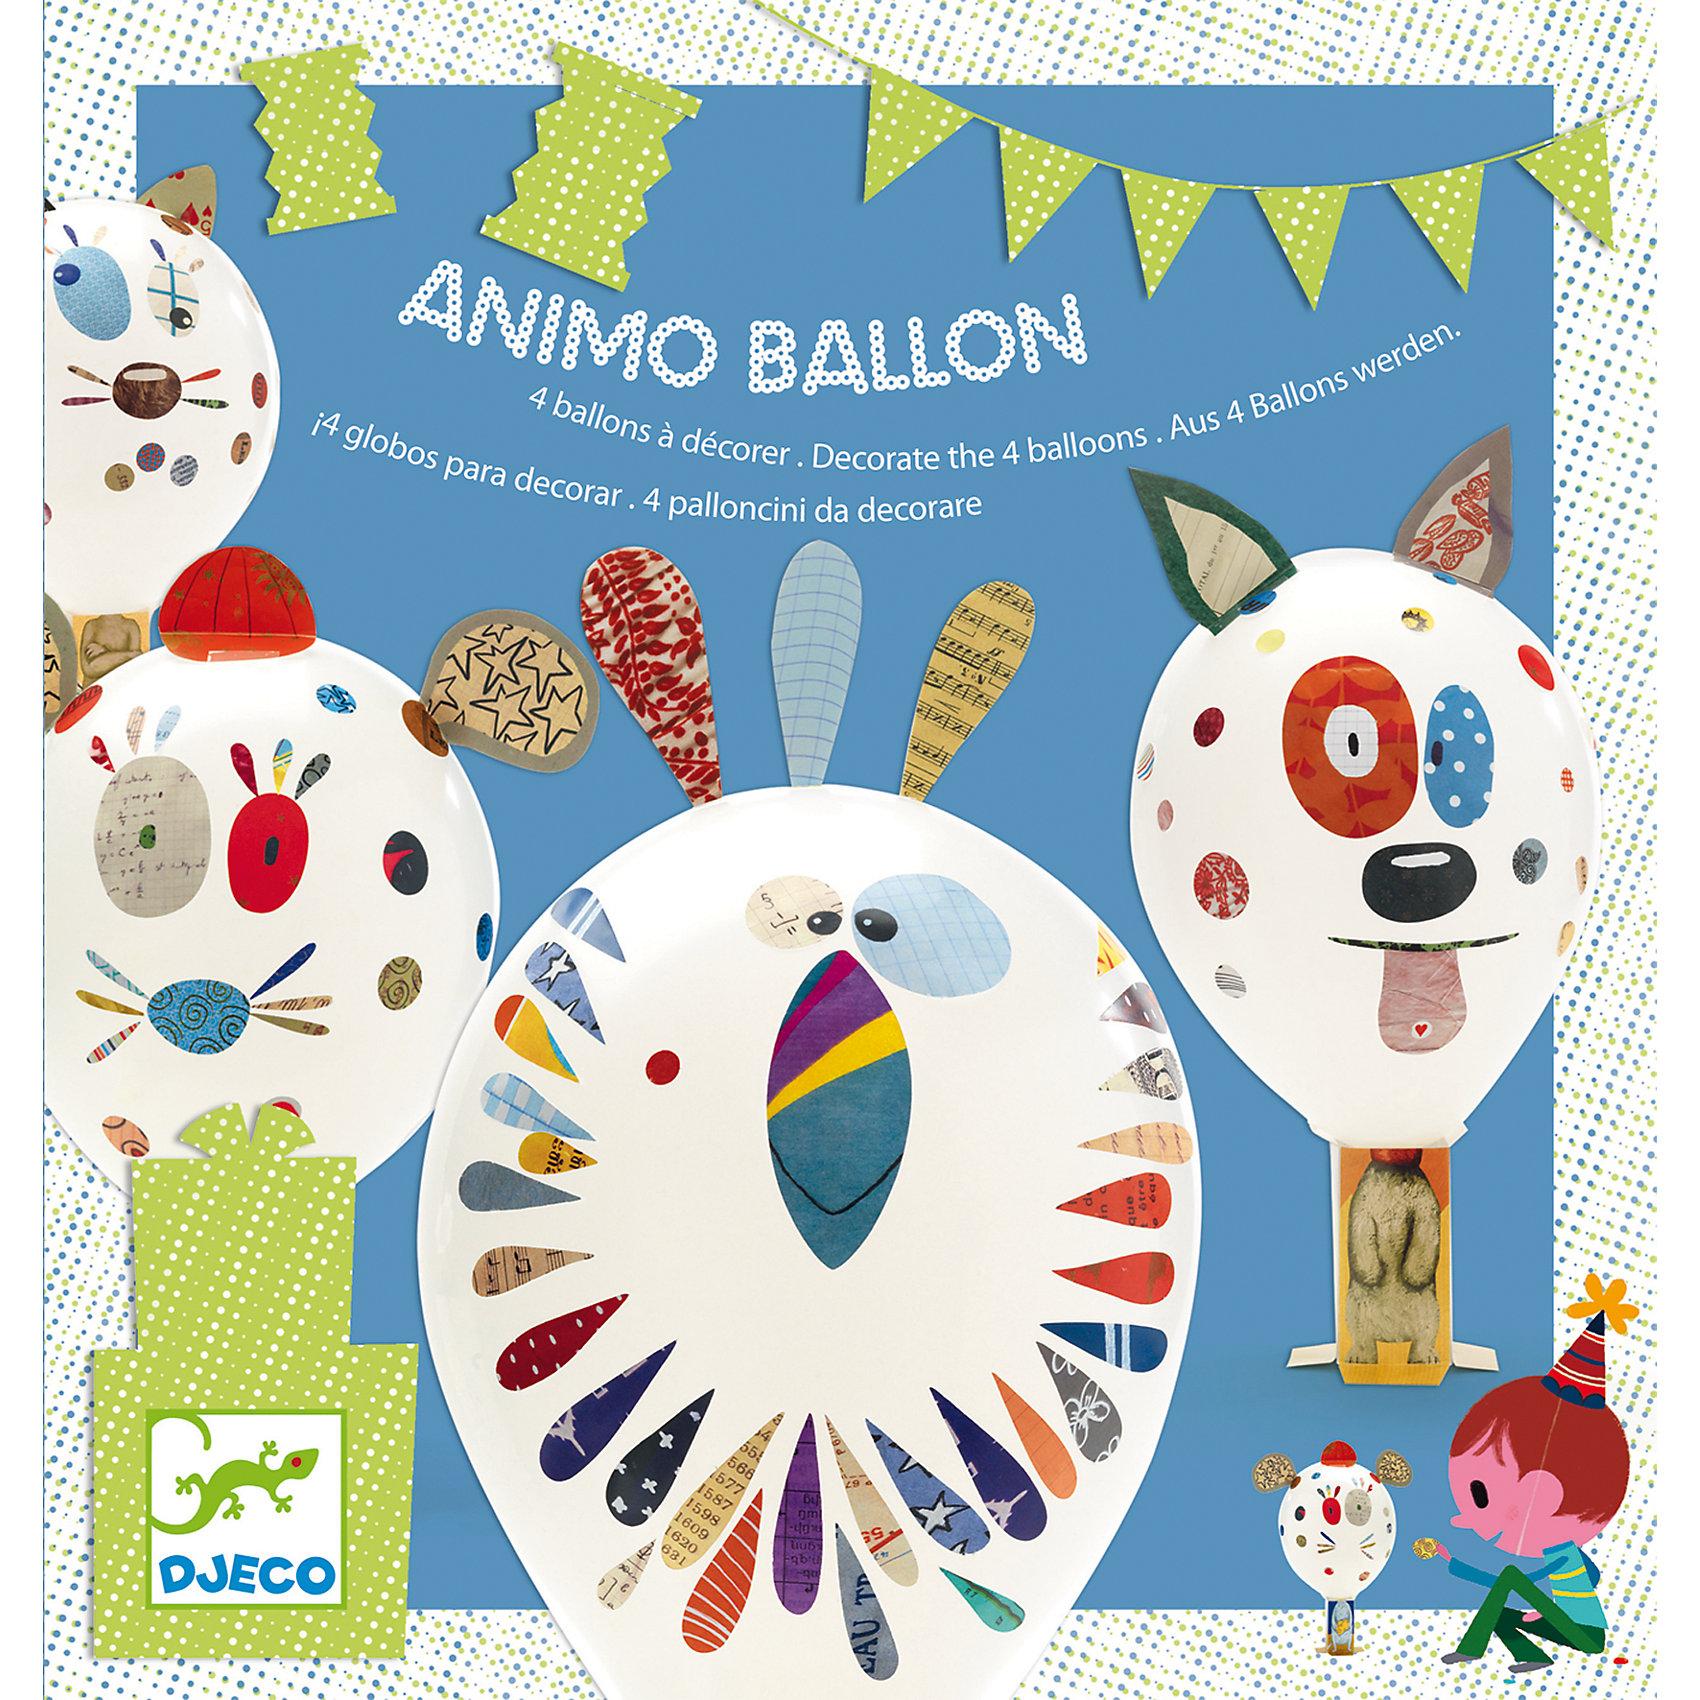 Набор для творчества Надувные шарики, DJECOВоздушные шары, гирлянды и хлопушки<br>С помощью творческого набора ребенок может празднично украсить свою комнату. Нужно лишь надуть шарики, прикрепить их к подставкам, на которых изображены забавные тельца животных, и декорировать шарики с помощью разноцветных наклеек. Результат получится очень ярким и смешным, такое оригинальное оформление понравится и родителям.<br><br><br>В комплекте: 4 шарика, 4 подставки, наклейки.<br><br>Ширина мм: 215<br>Глубина мм: 30<br>Высота мм: 230<br>Вес г: 140<br>Возраст от месяцев: 36<br>Возраст до месяцев: 1188<br>Пол: Унисекс<br>Возраст: Детский<br>SKU: 4761432